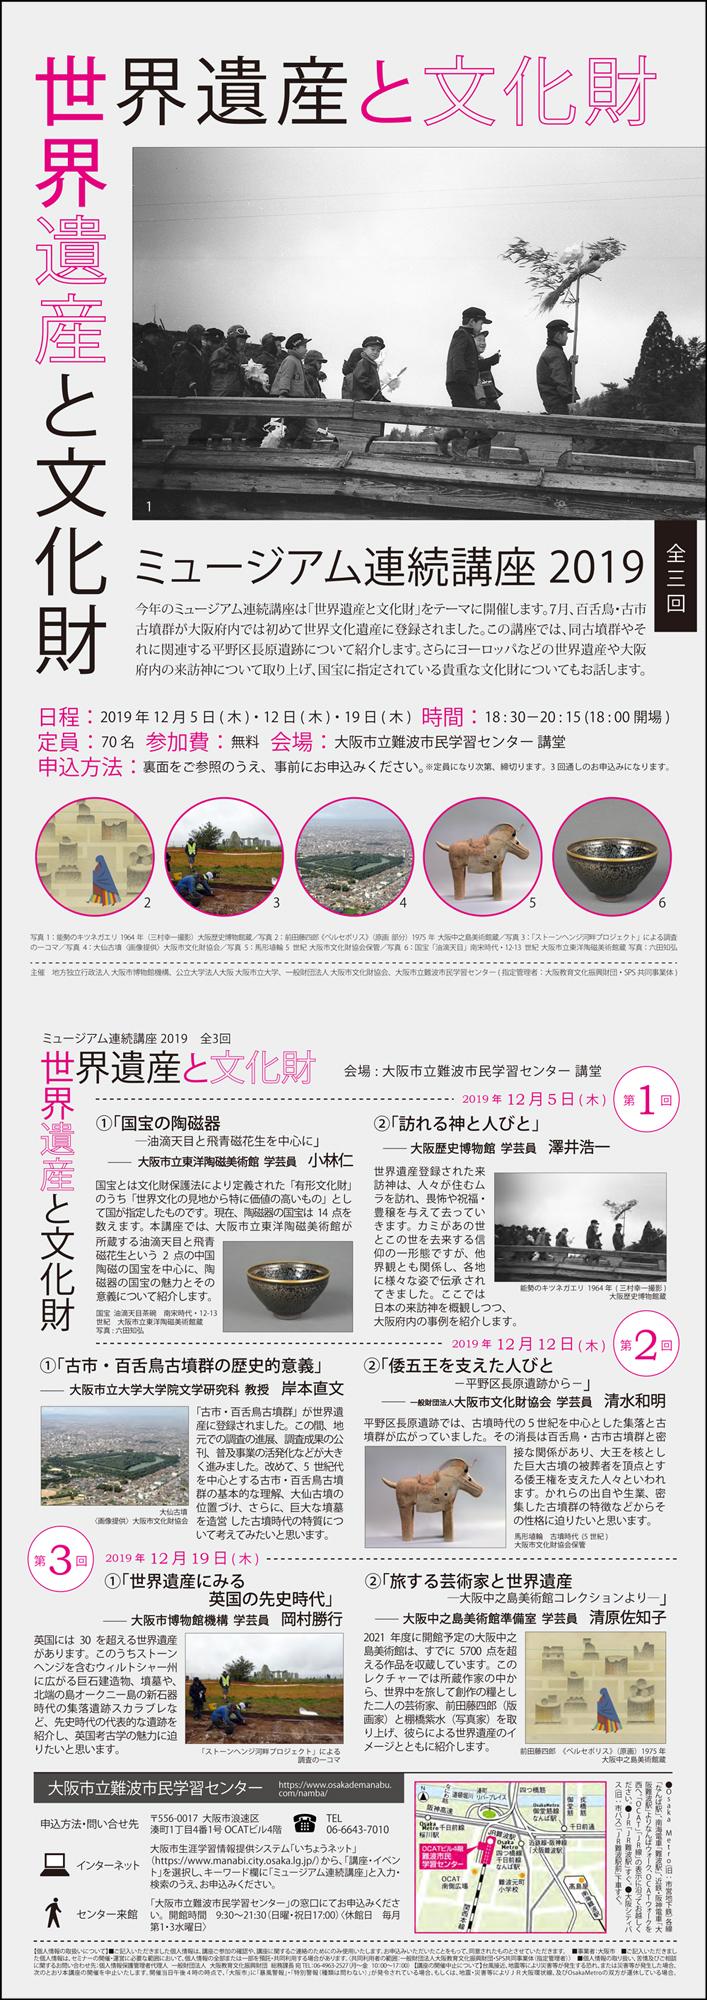 ミュージアム連続講座2019(全3回)「世界遺産と文化財」